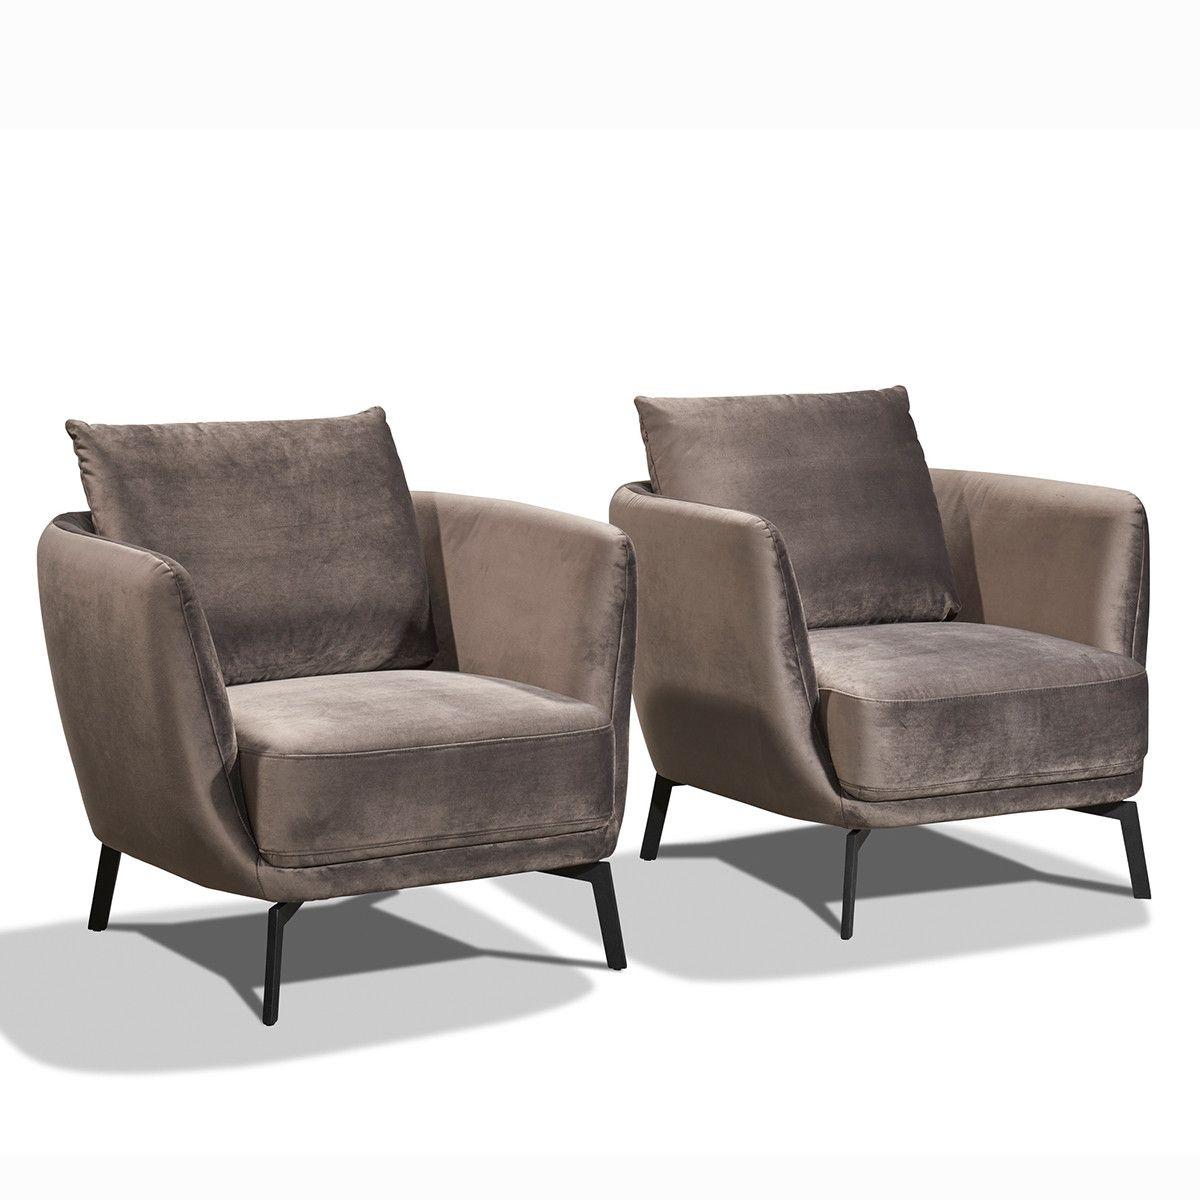 Ein Neuer Lieblingsplatz Fur Deine Vier Wande Ideenhaus Rodemann Schonerwohnen Sessel Gemutlichkeit Mobel Furniture Einrichtu Haus Deko Zuhause Wohnen